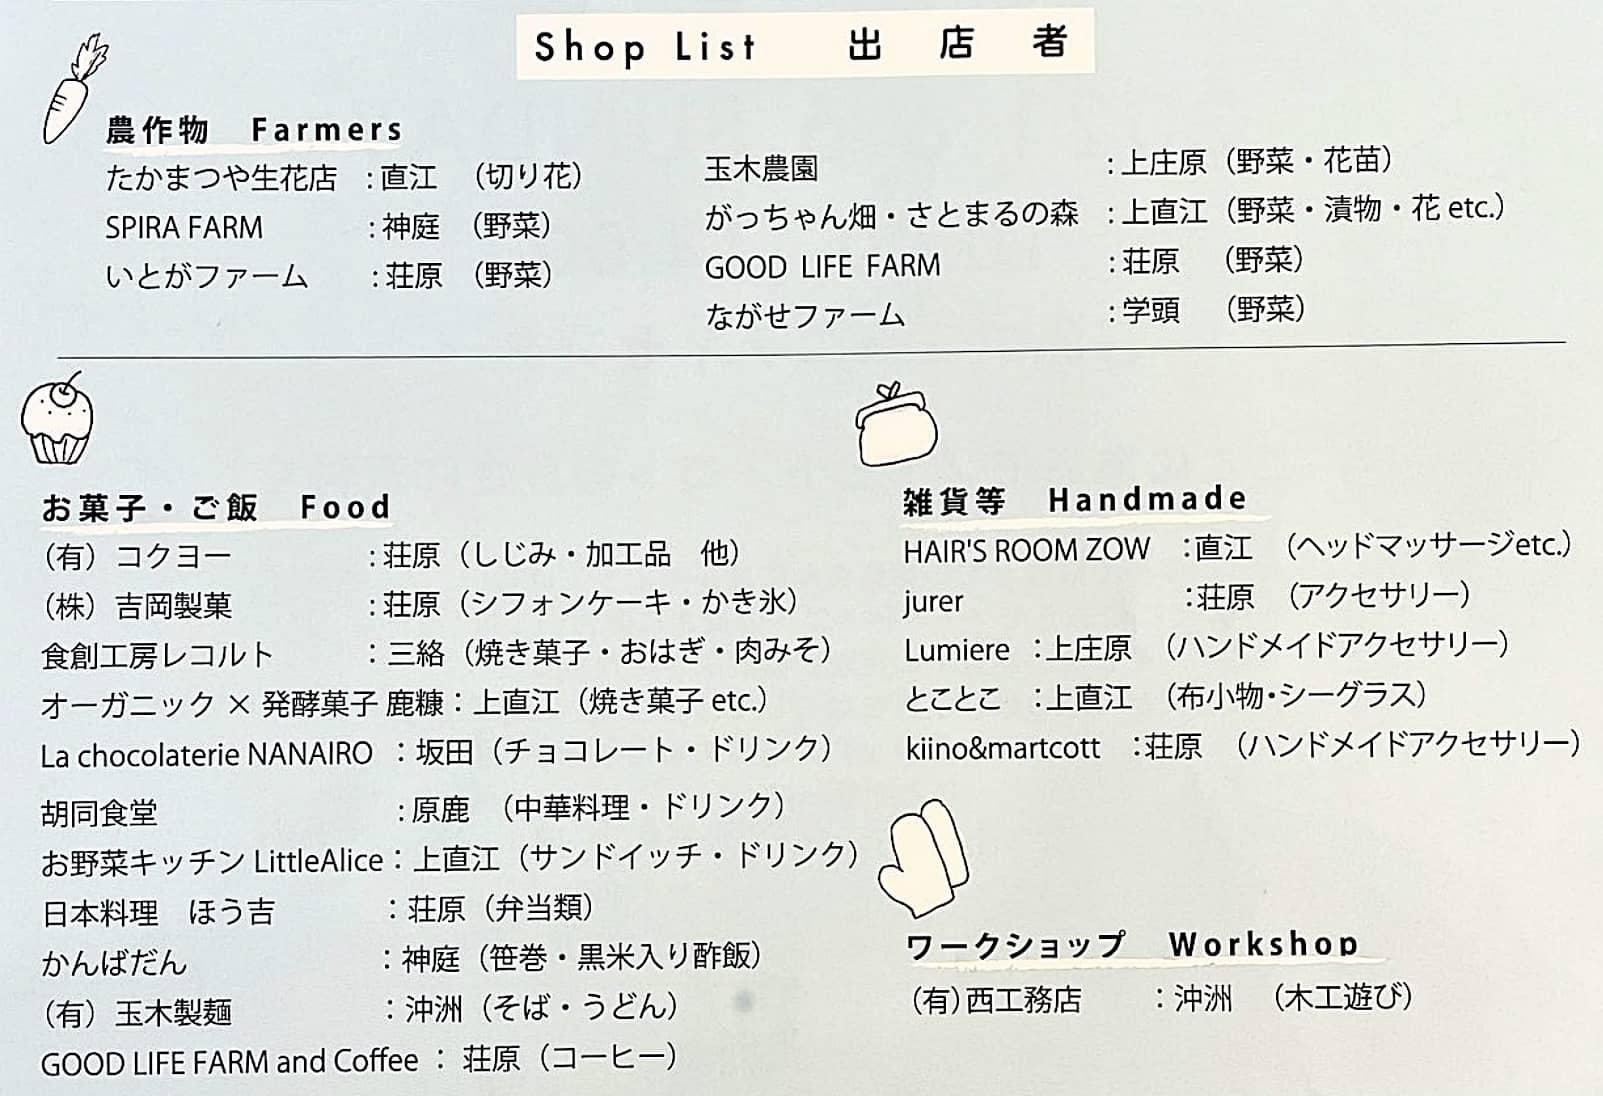 ひかわキレイマルシェ2021 出店者